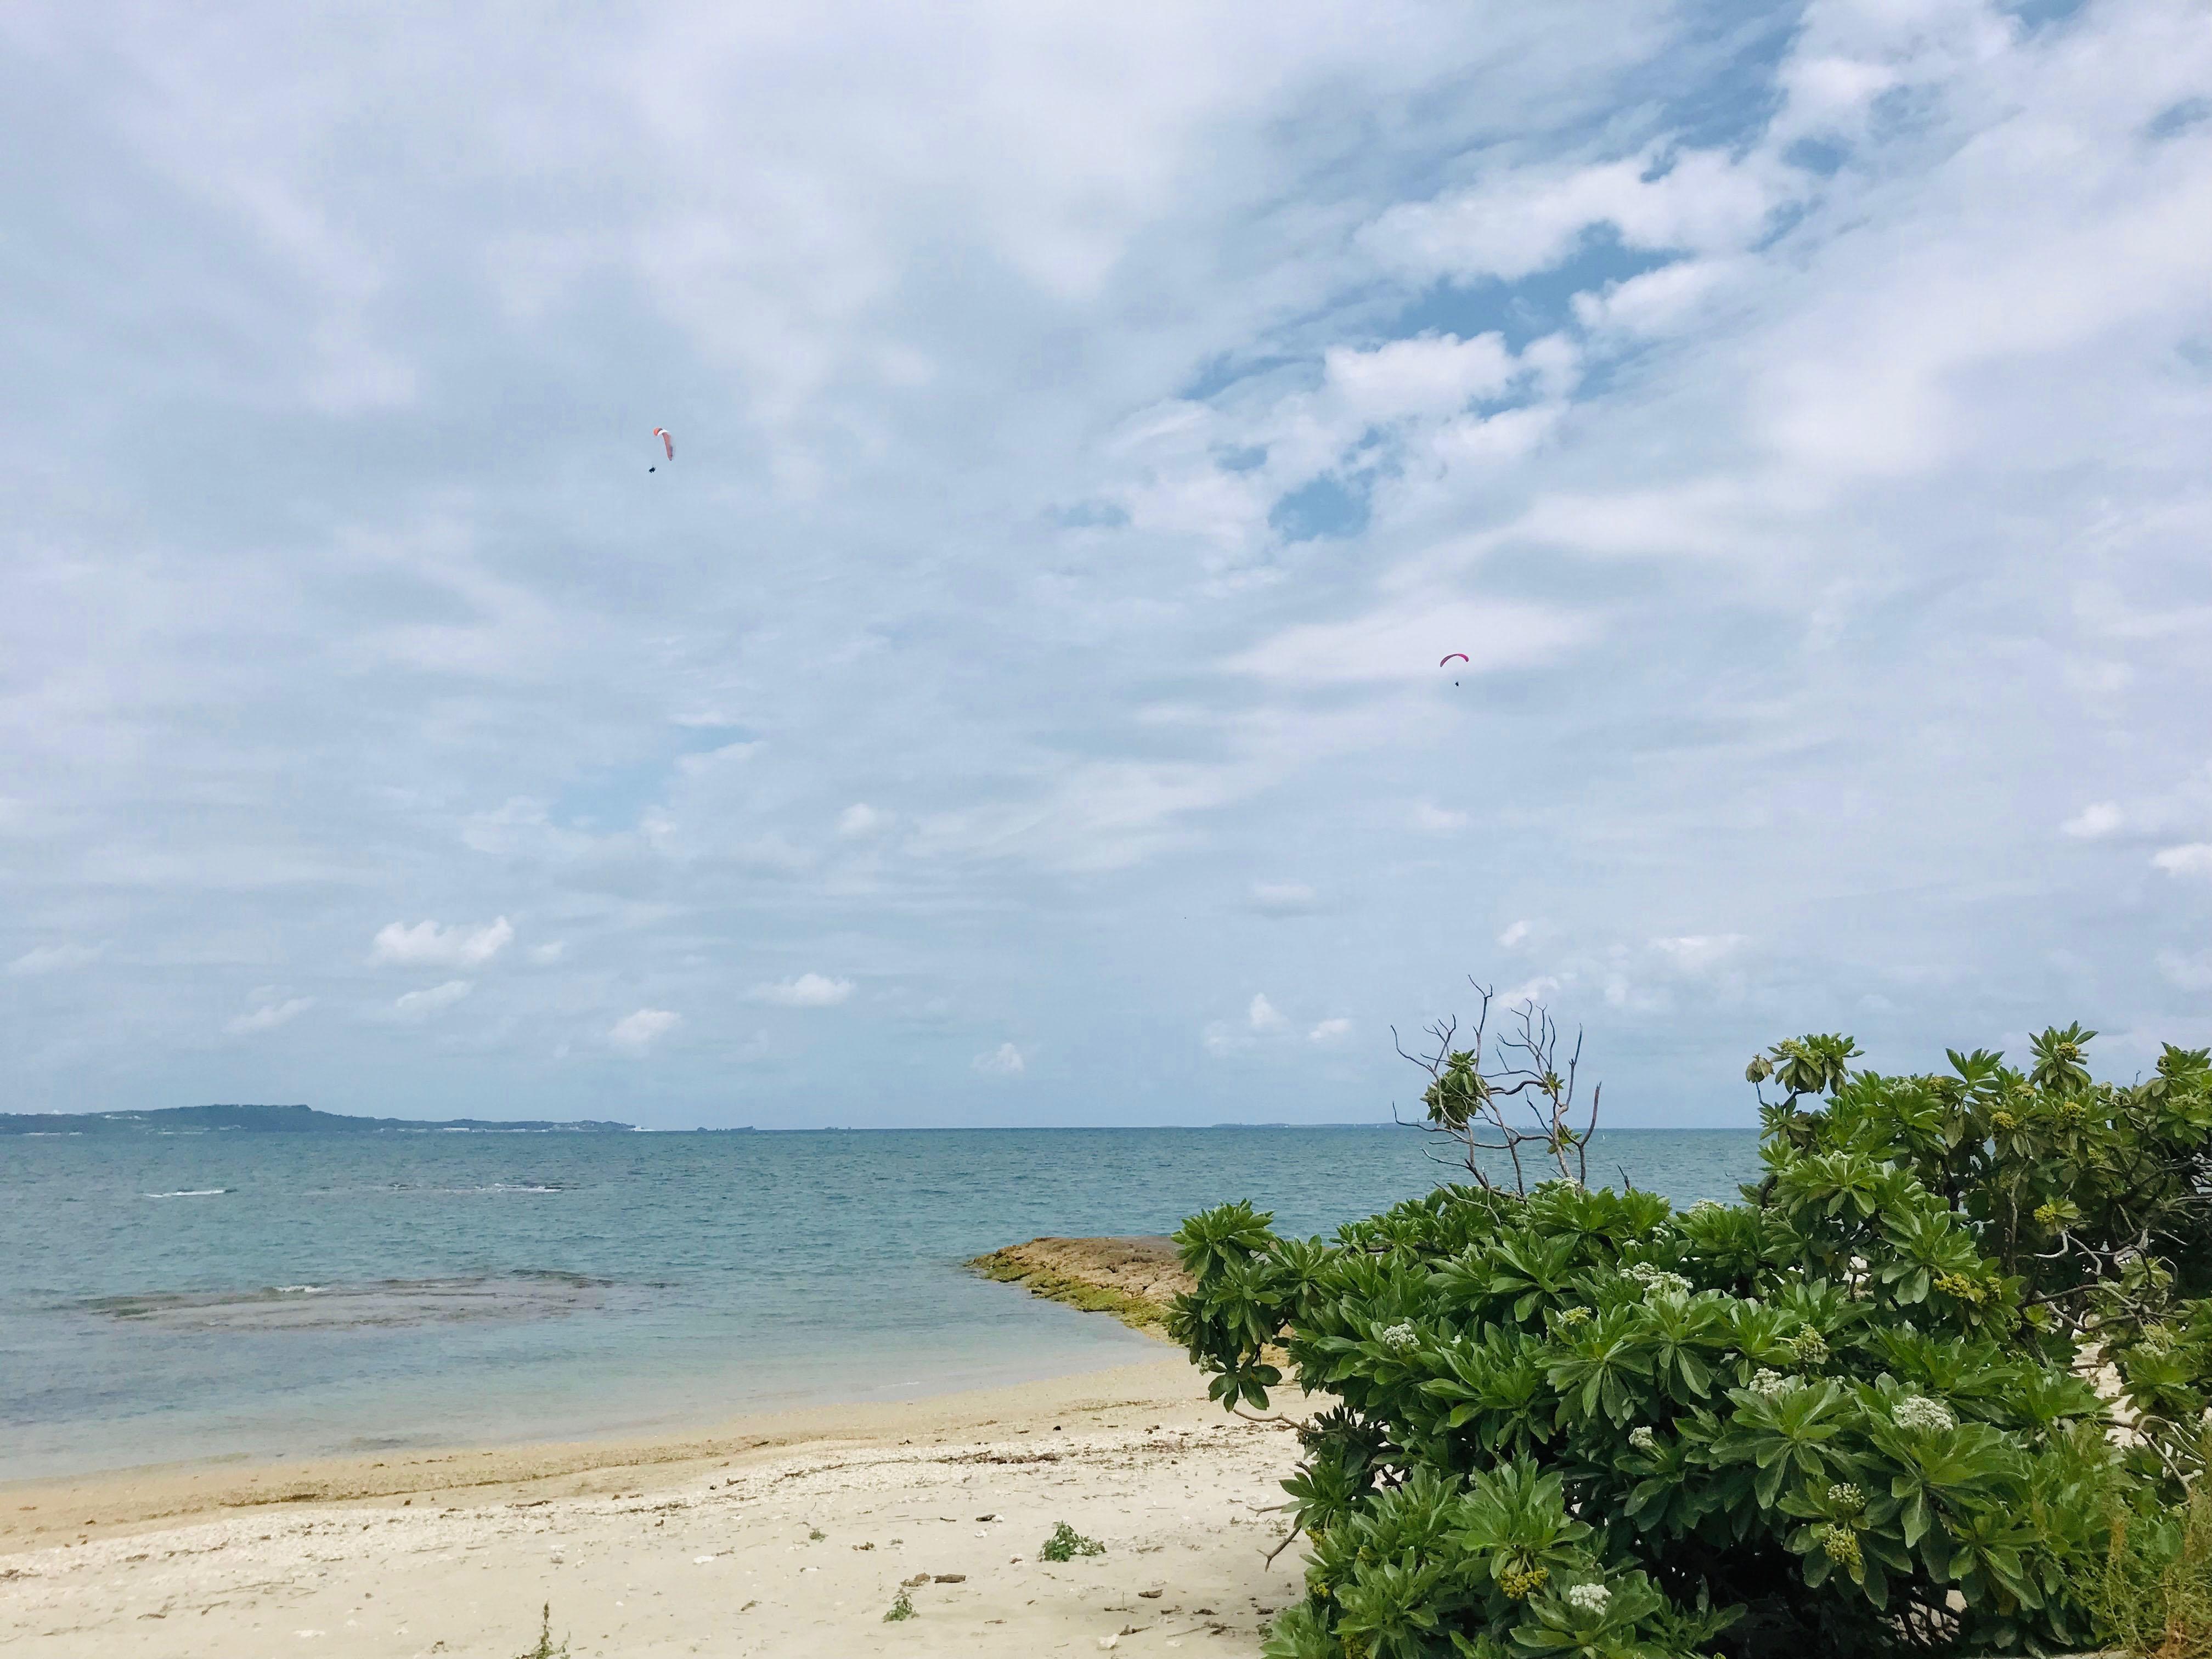 4月13日 今日の沖縄は曇りのち晴れ